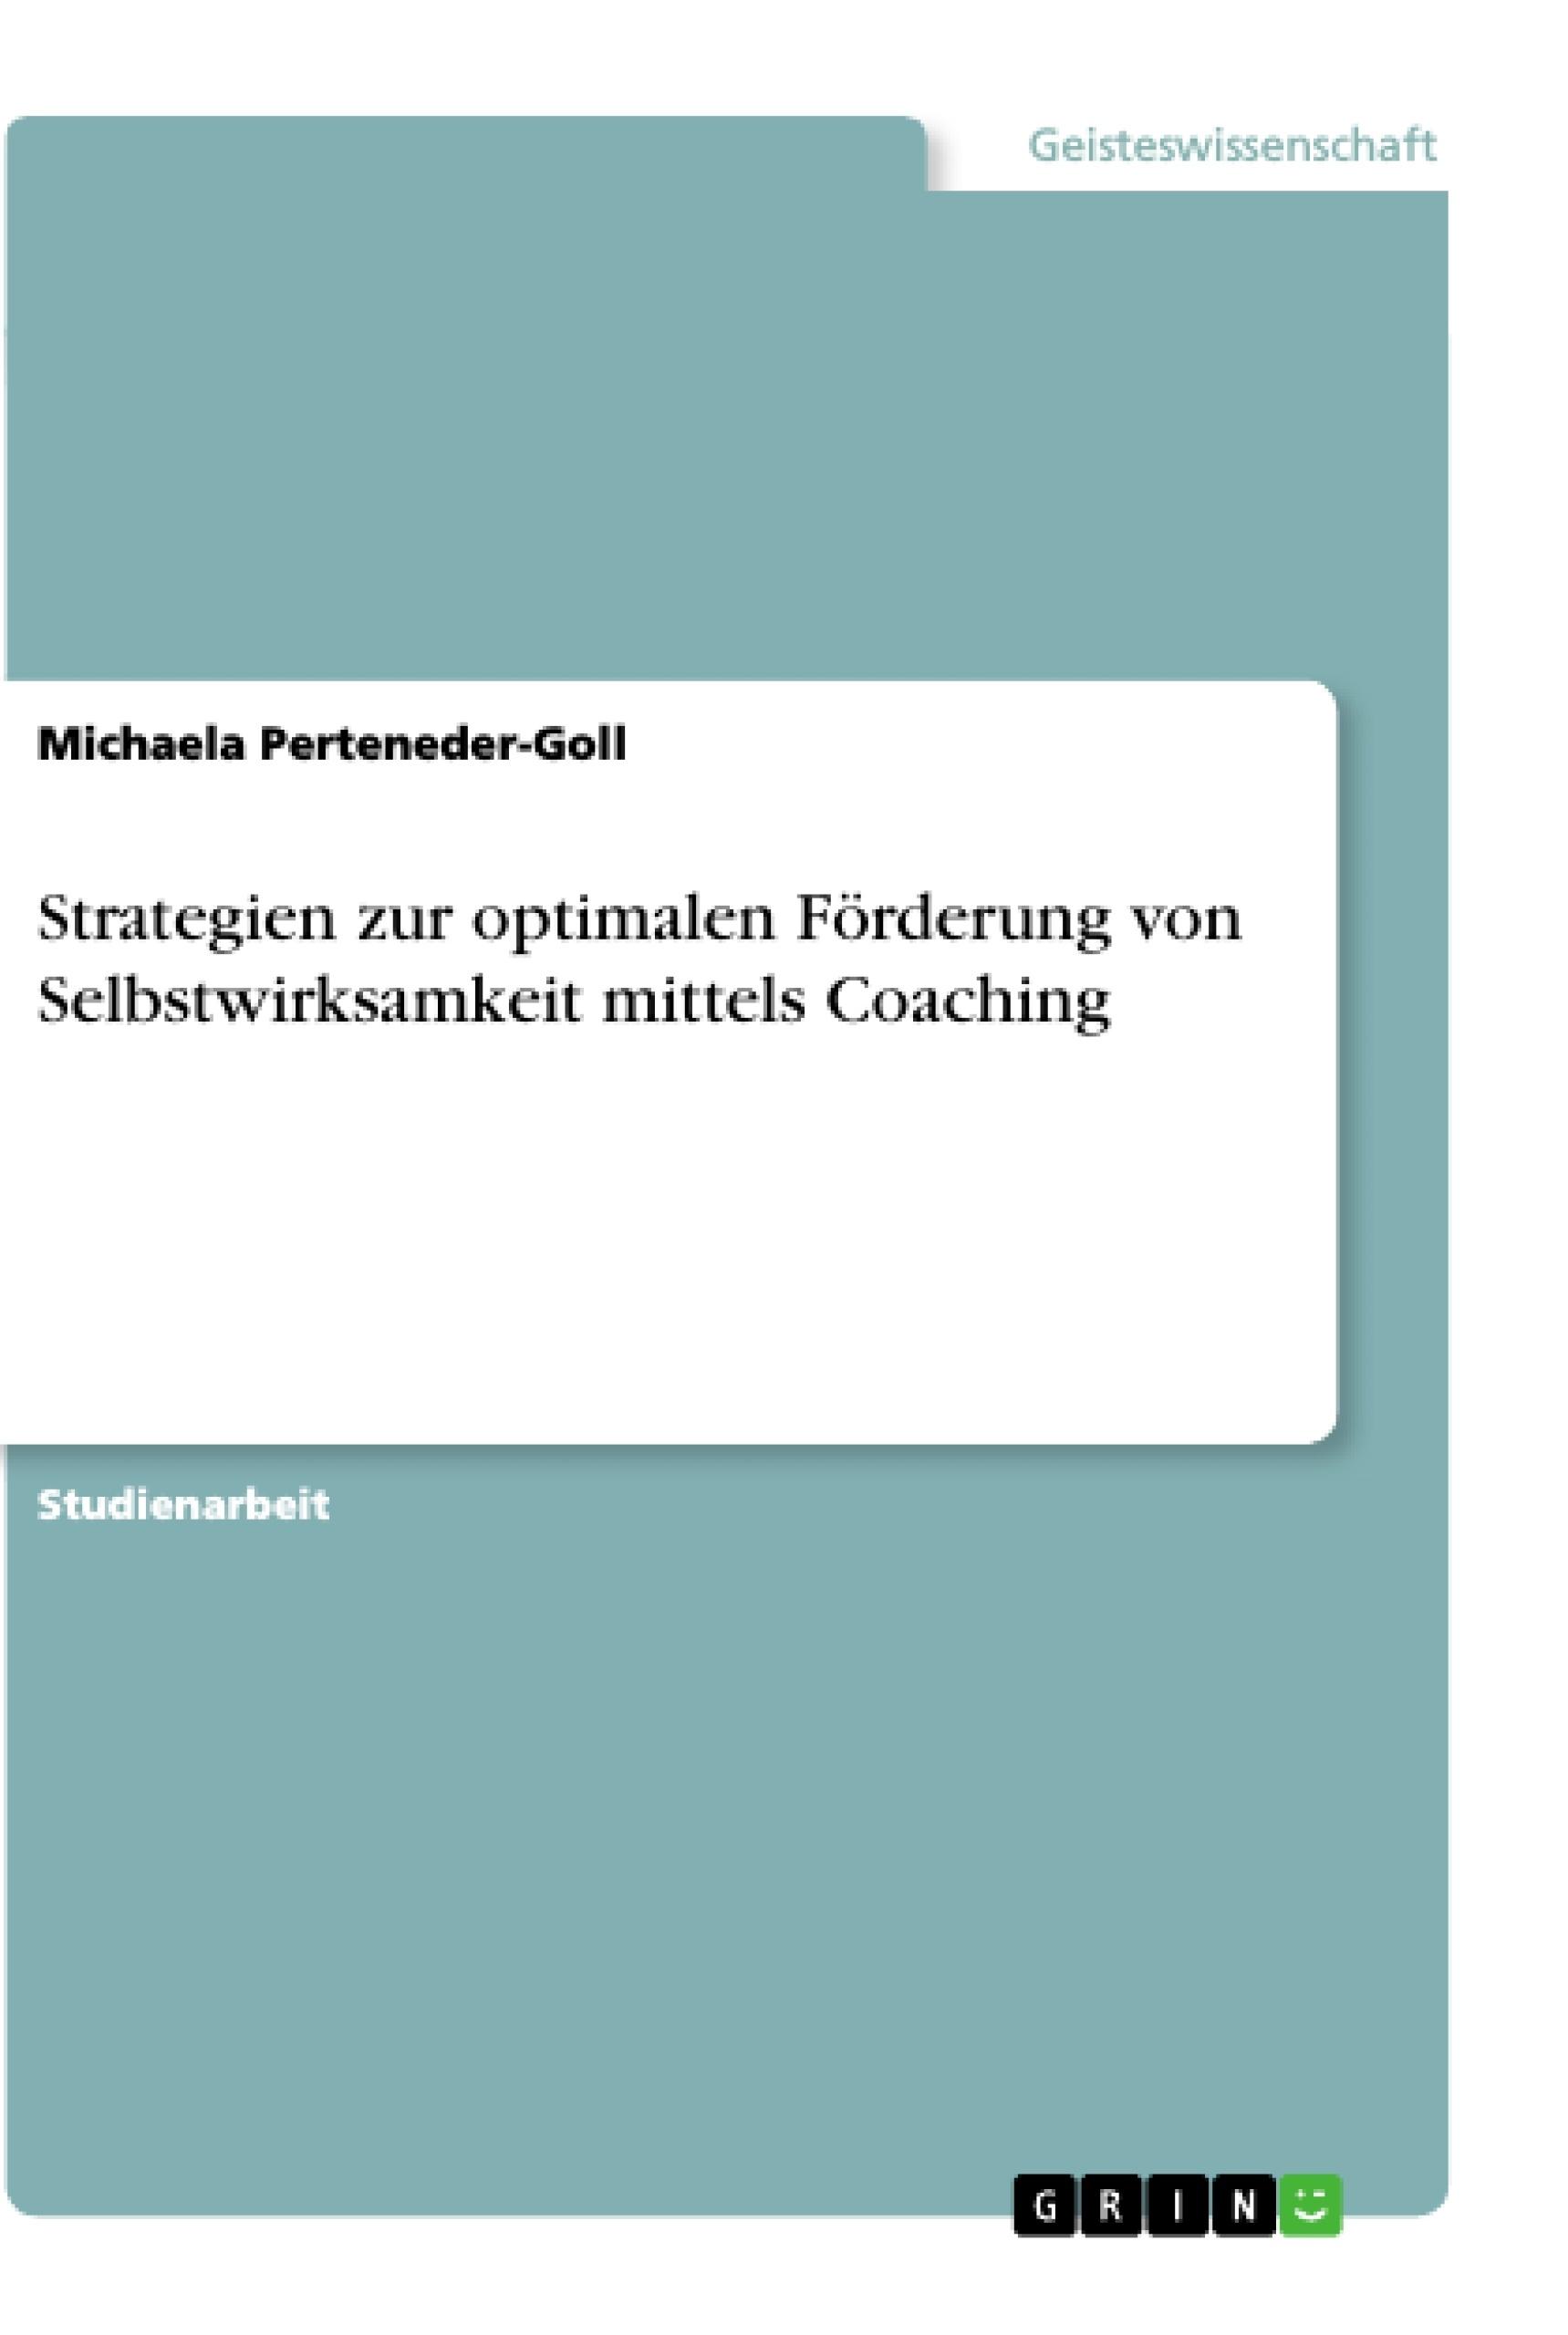 Titel: Strategien zur optimalen Förderung von Selbstwirksamkeit mittels Coaching